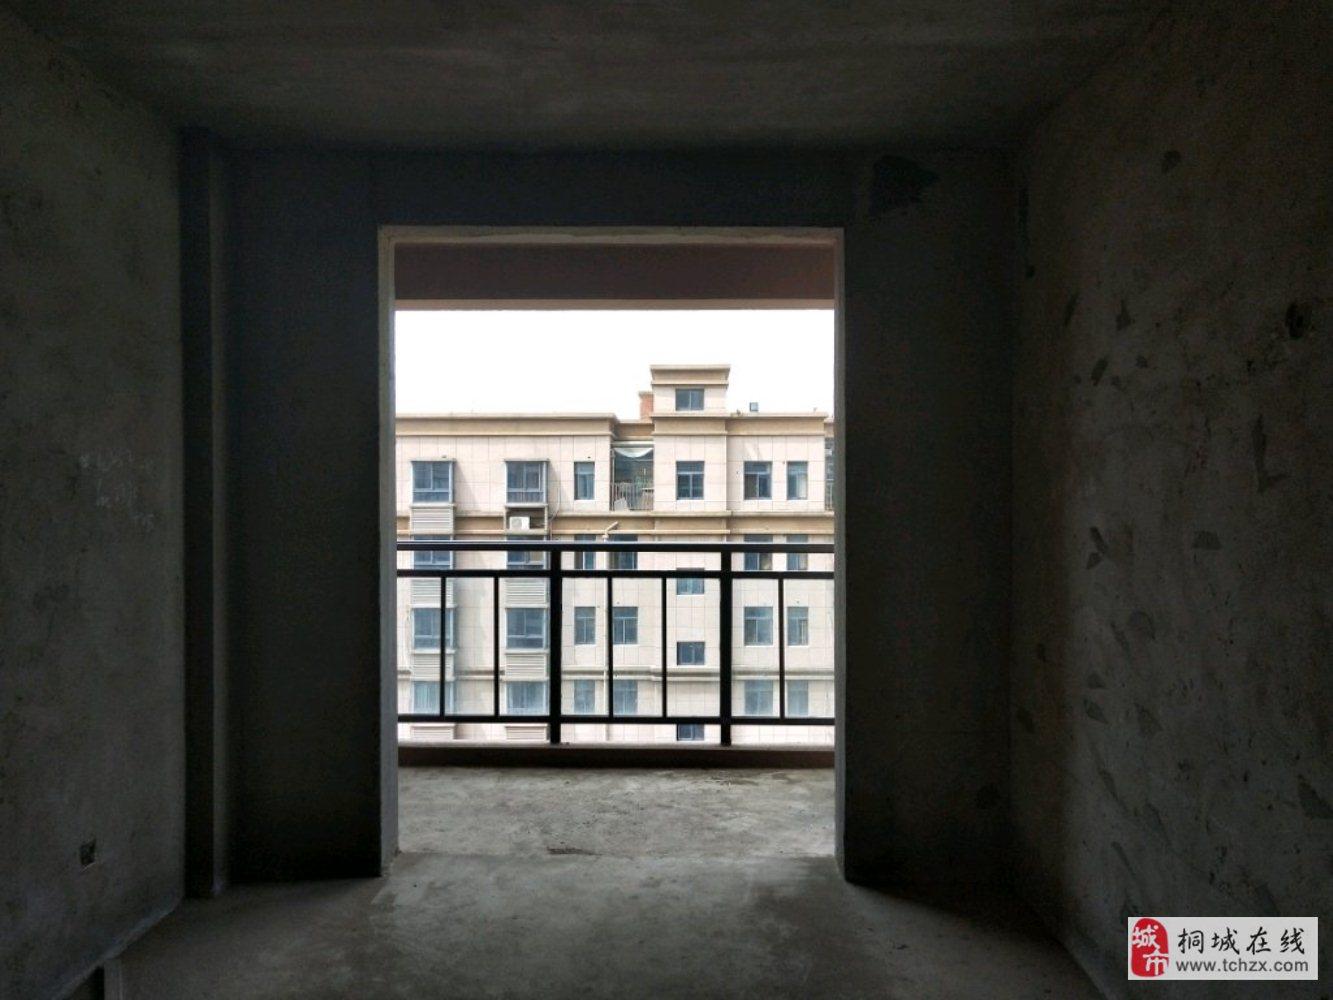 学区房周边交通便利看房方便全新毛坯铂金楼层